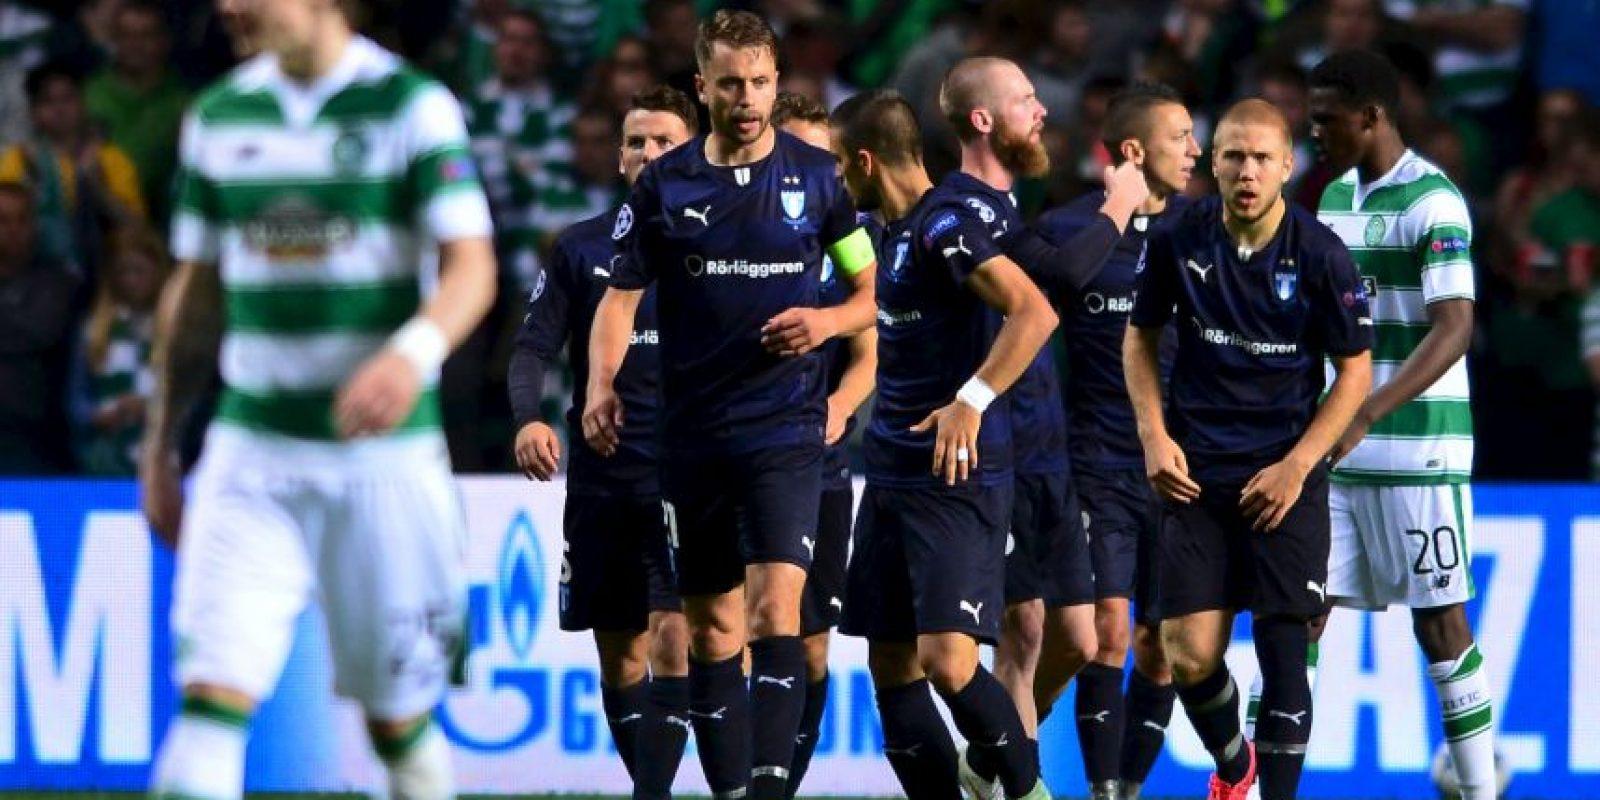 El combinado sueco está encasillado en el Grupo A junto Shakhtar Donetsk, PSG y Real Madrid Foto:Getty Images